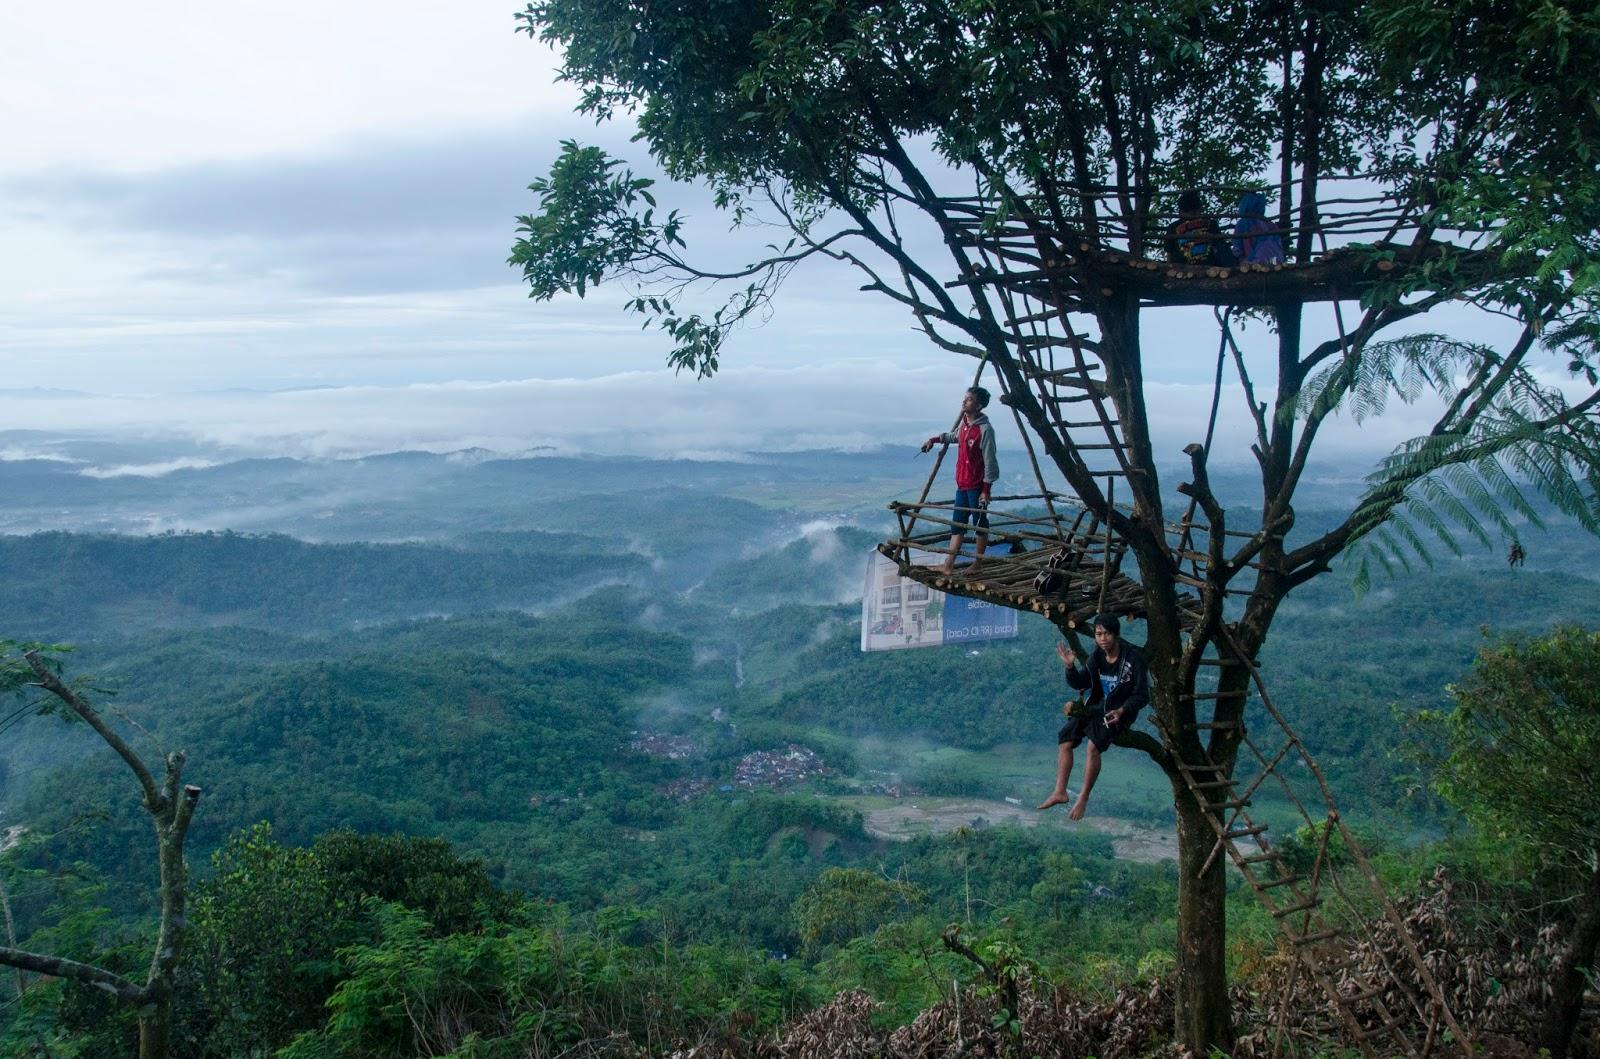 Pesona Rumah Pohon Desa Wisata Panusupan Wajib Dikunjungi Igir Wringin